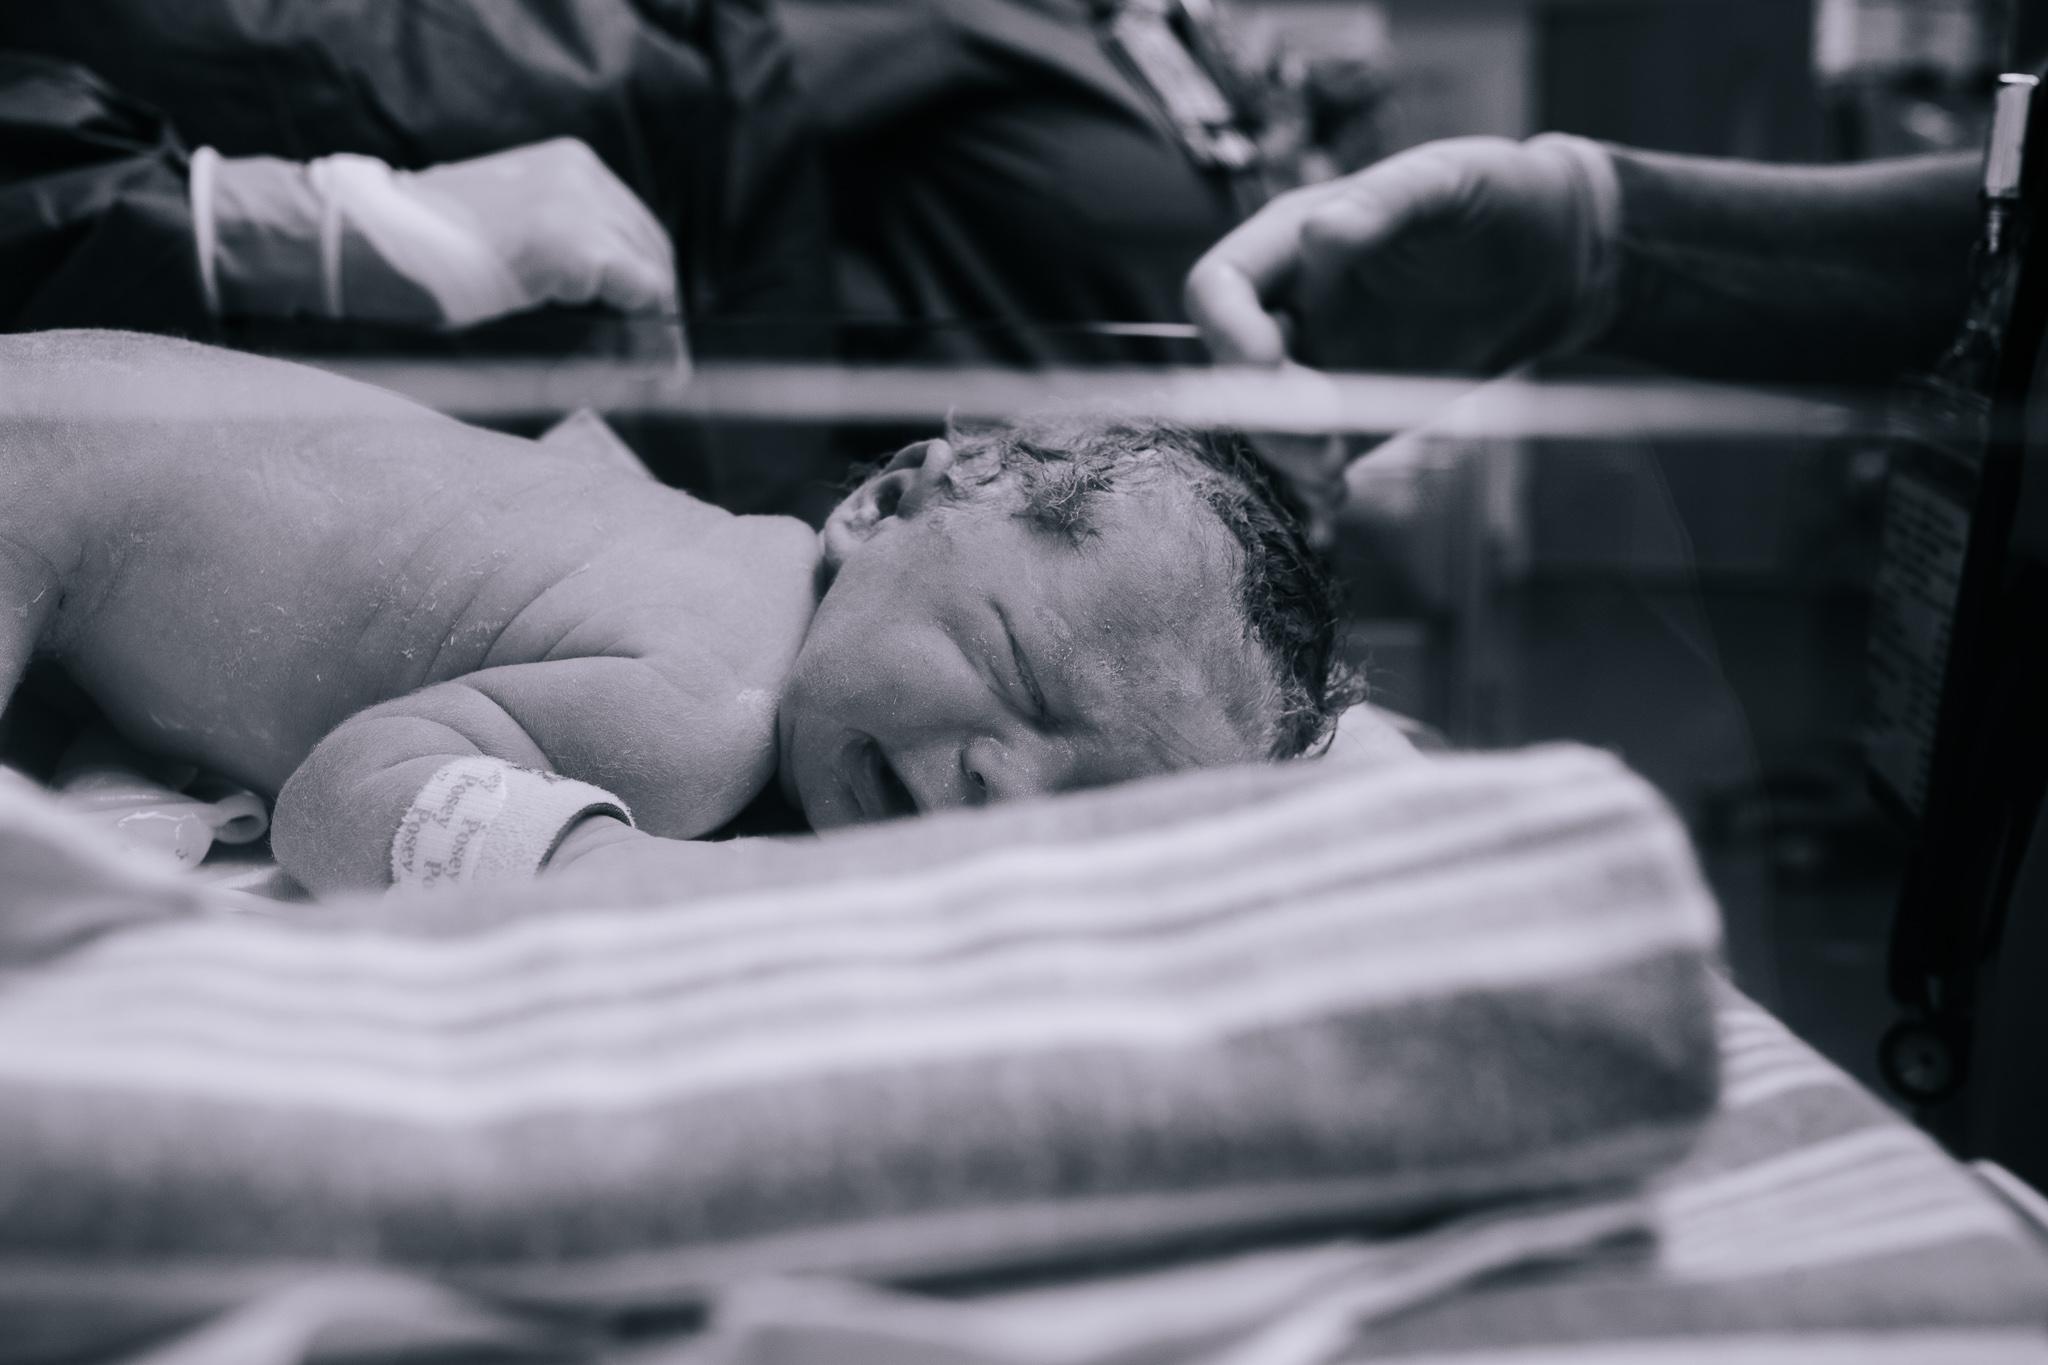 A newborn baby face down in the bassinet in the NICU.